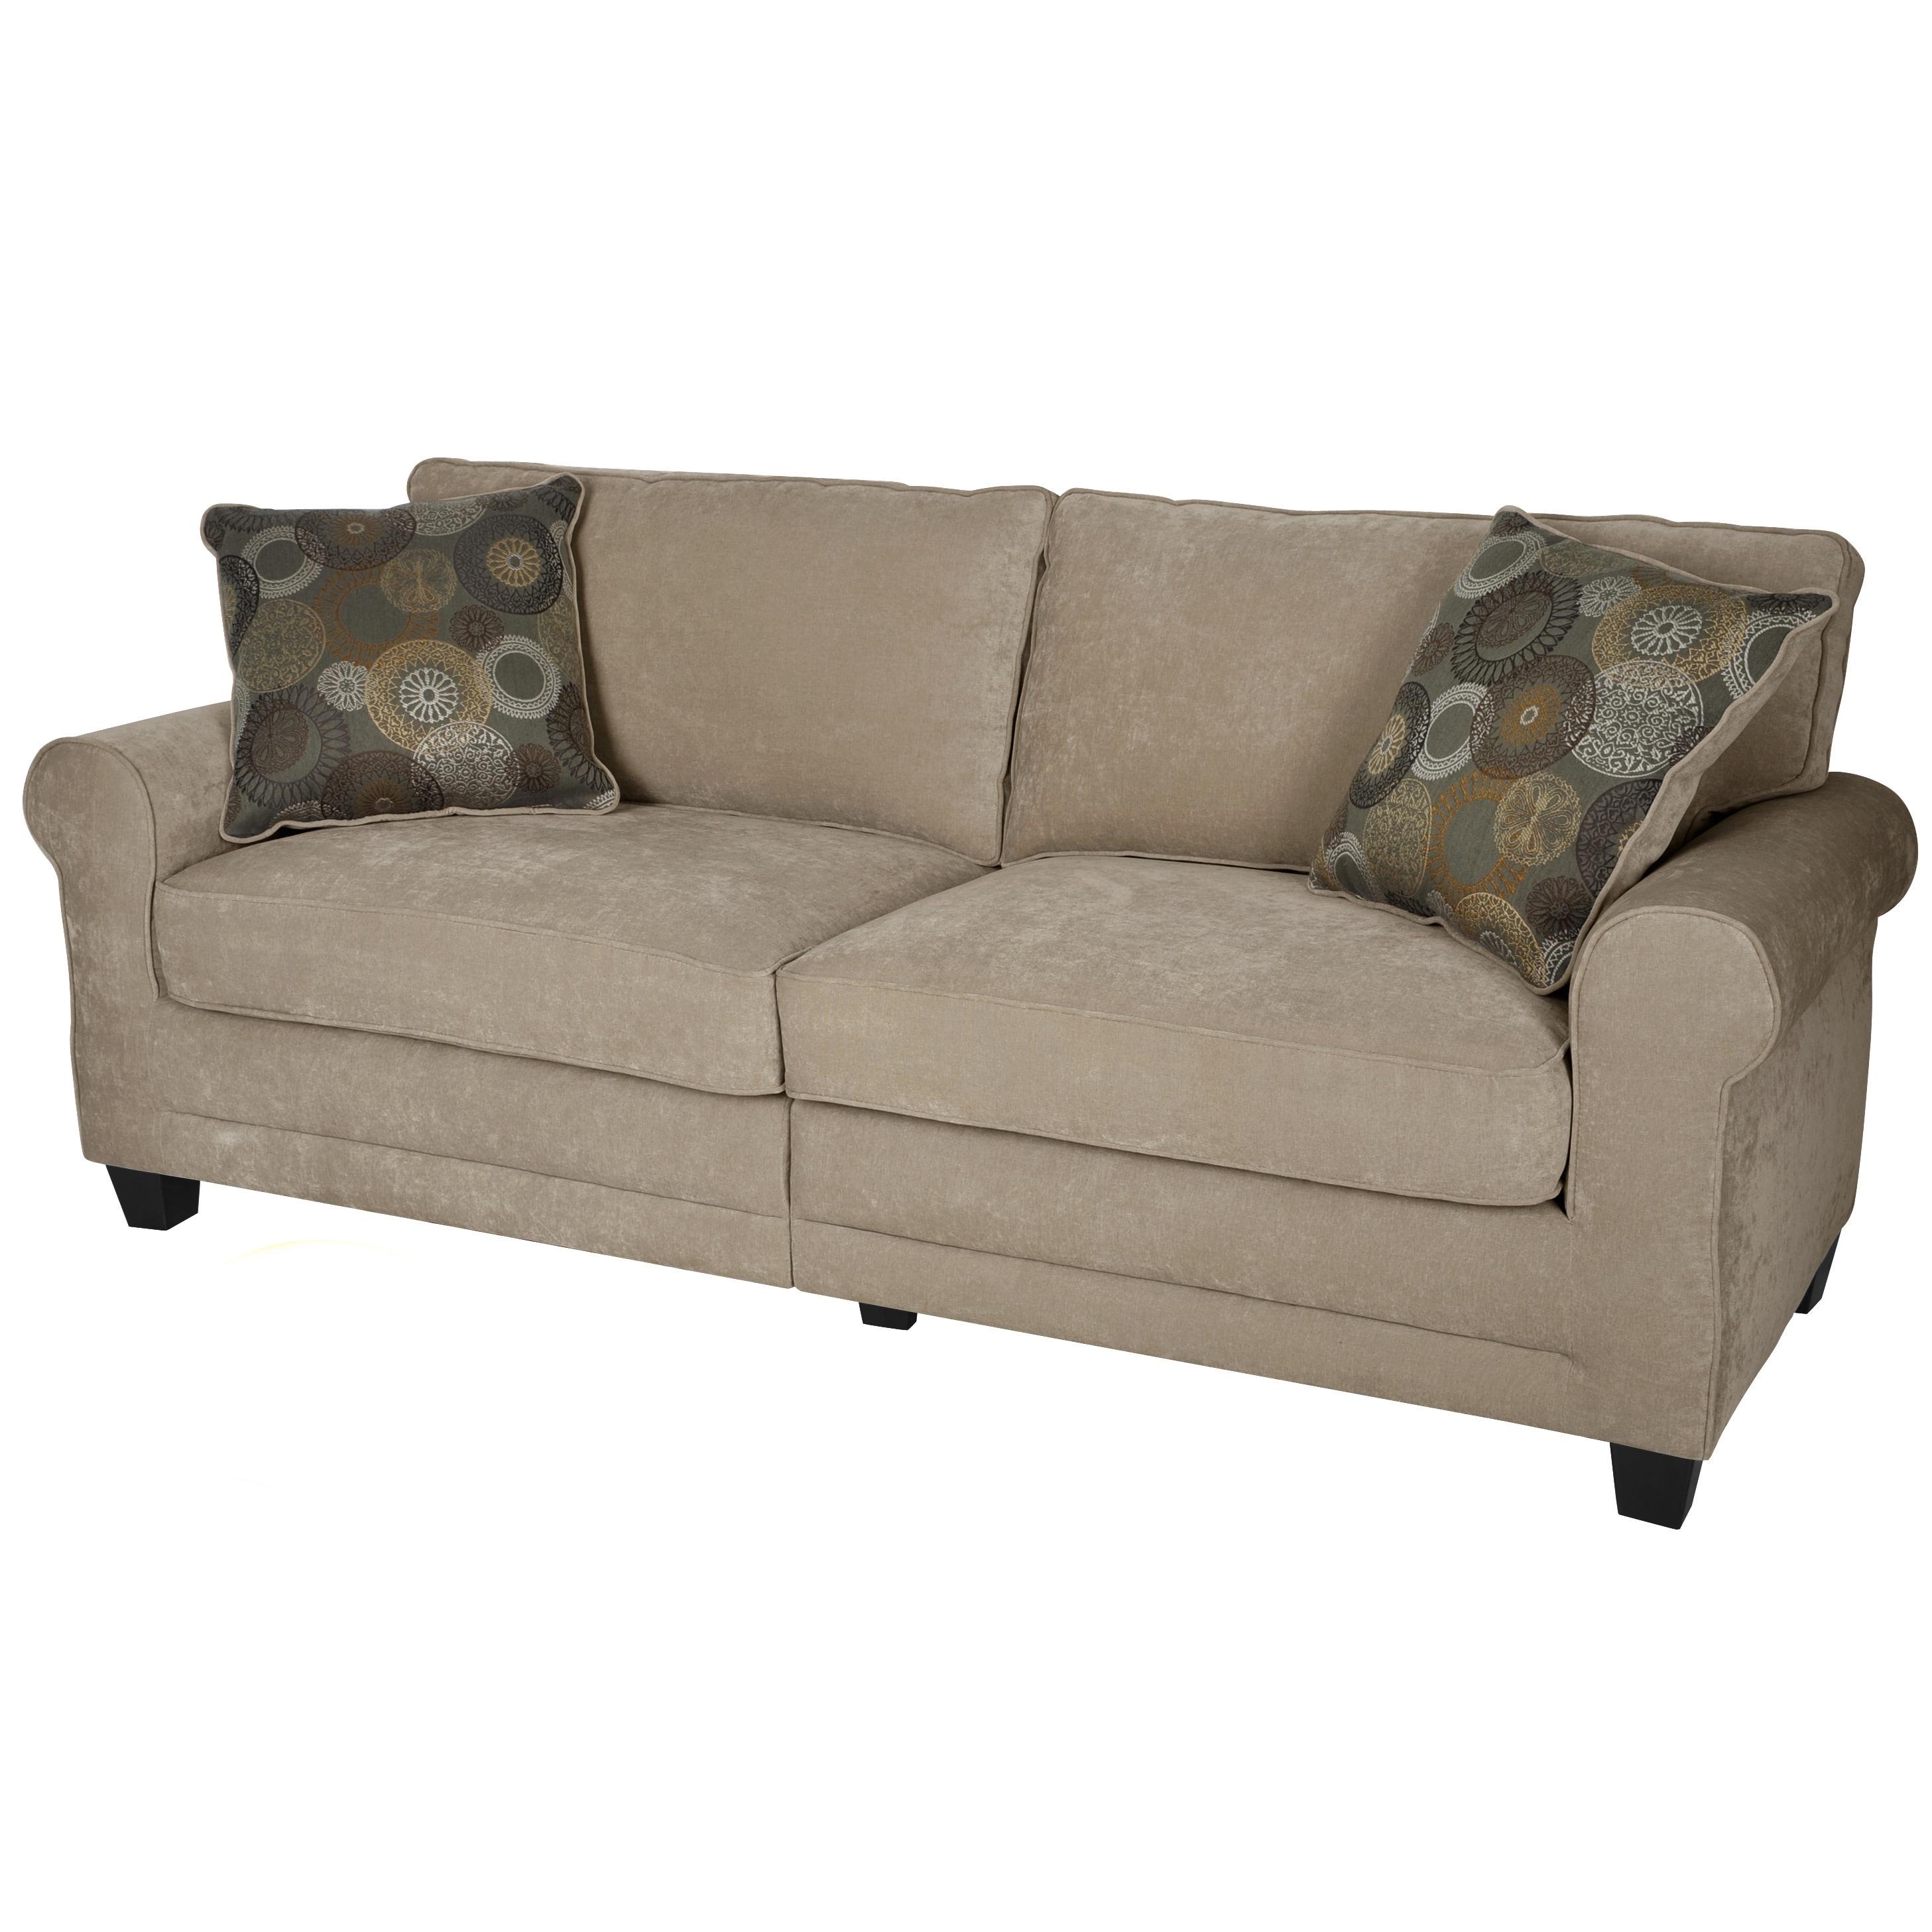 banquette futon 2 places. Black Bedroom Furniture Sets. Home Design Ideas